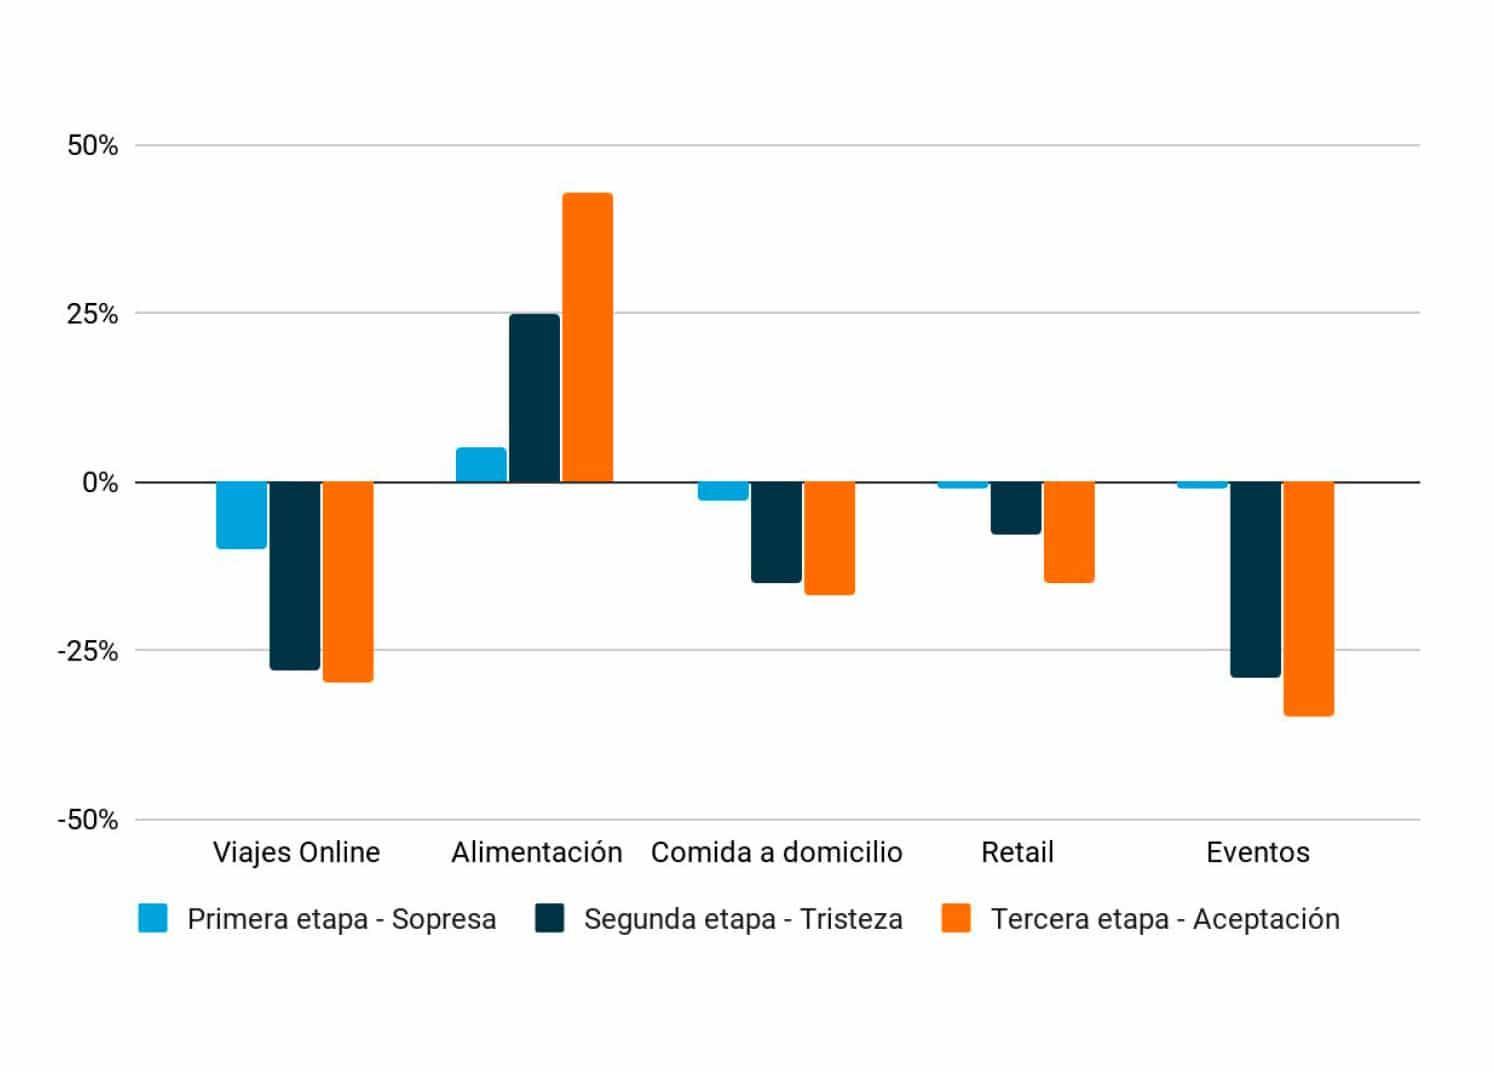 comportamientos del consumidor: demanda por sectores